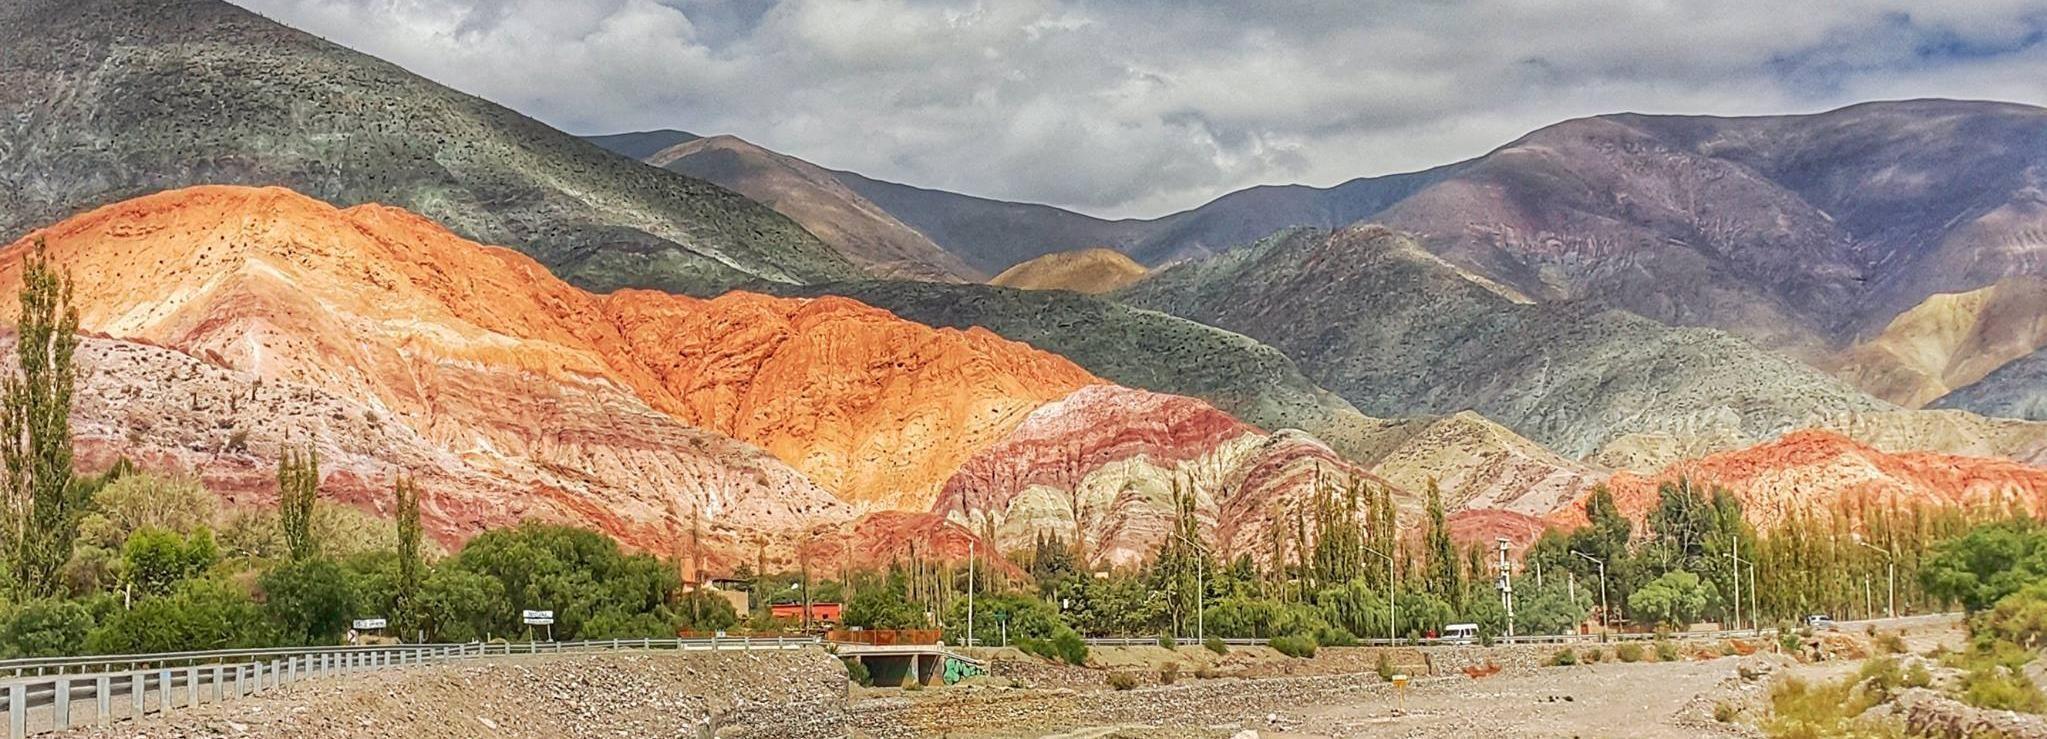 From Salta: Day Trip to Quebrada de Humahuaca